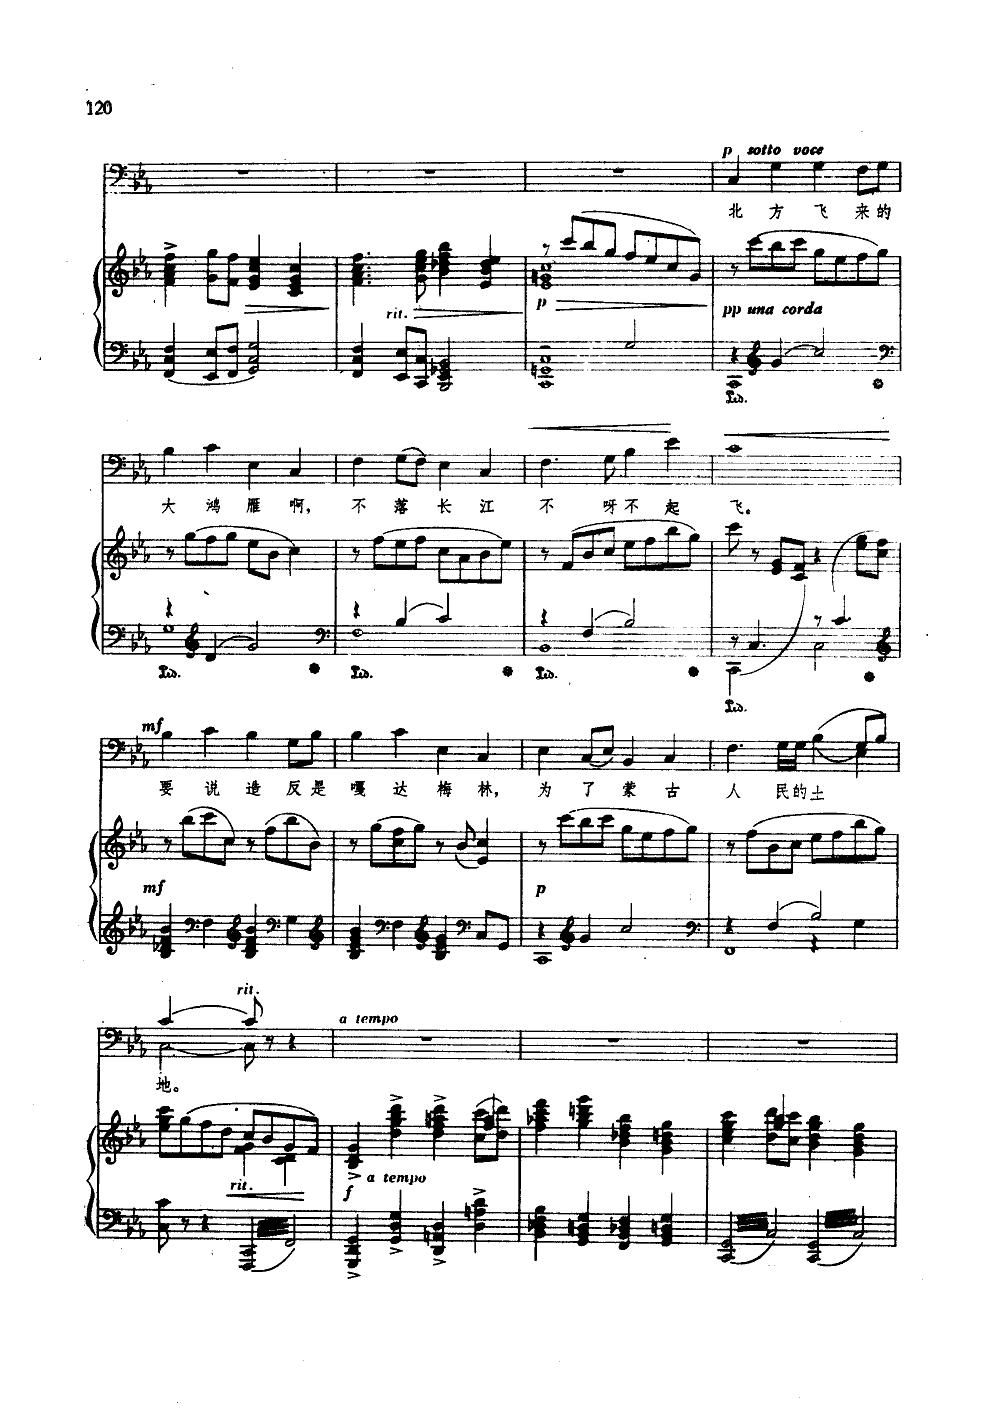 嘎达梅林(钢伴谱)